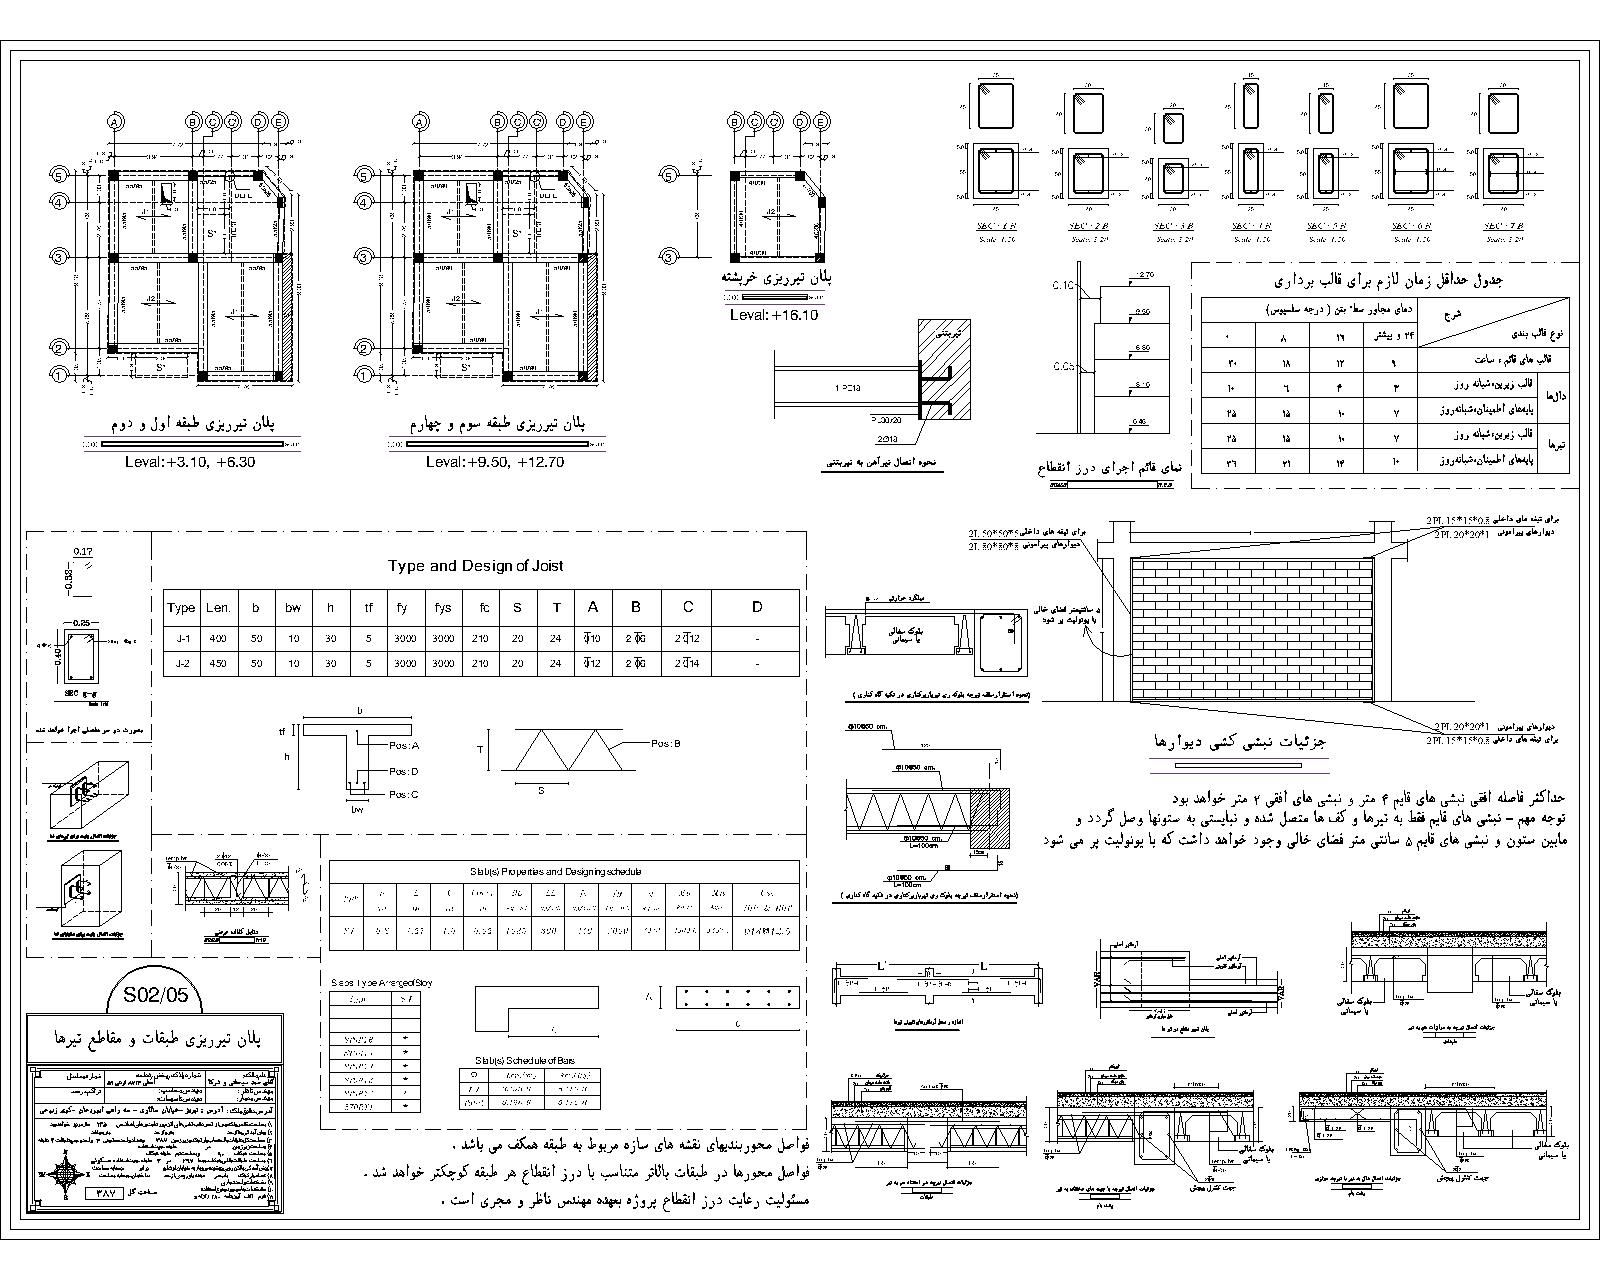 نقشه معماری ساختمان